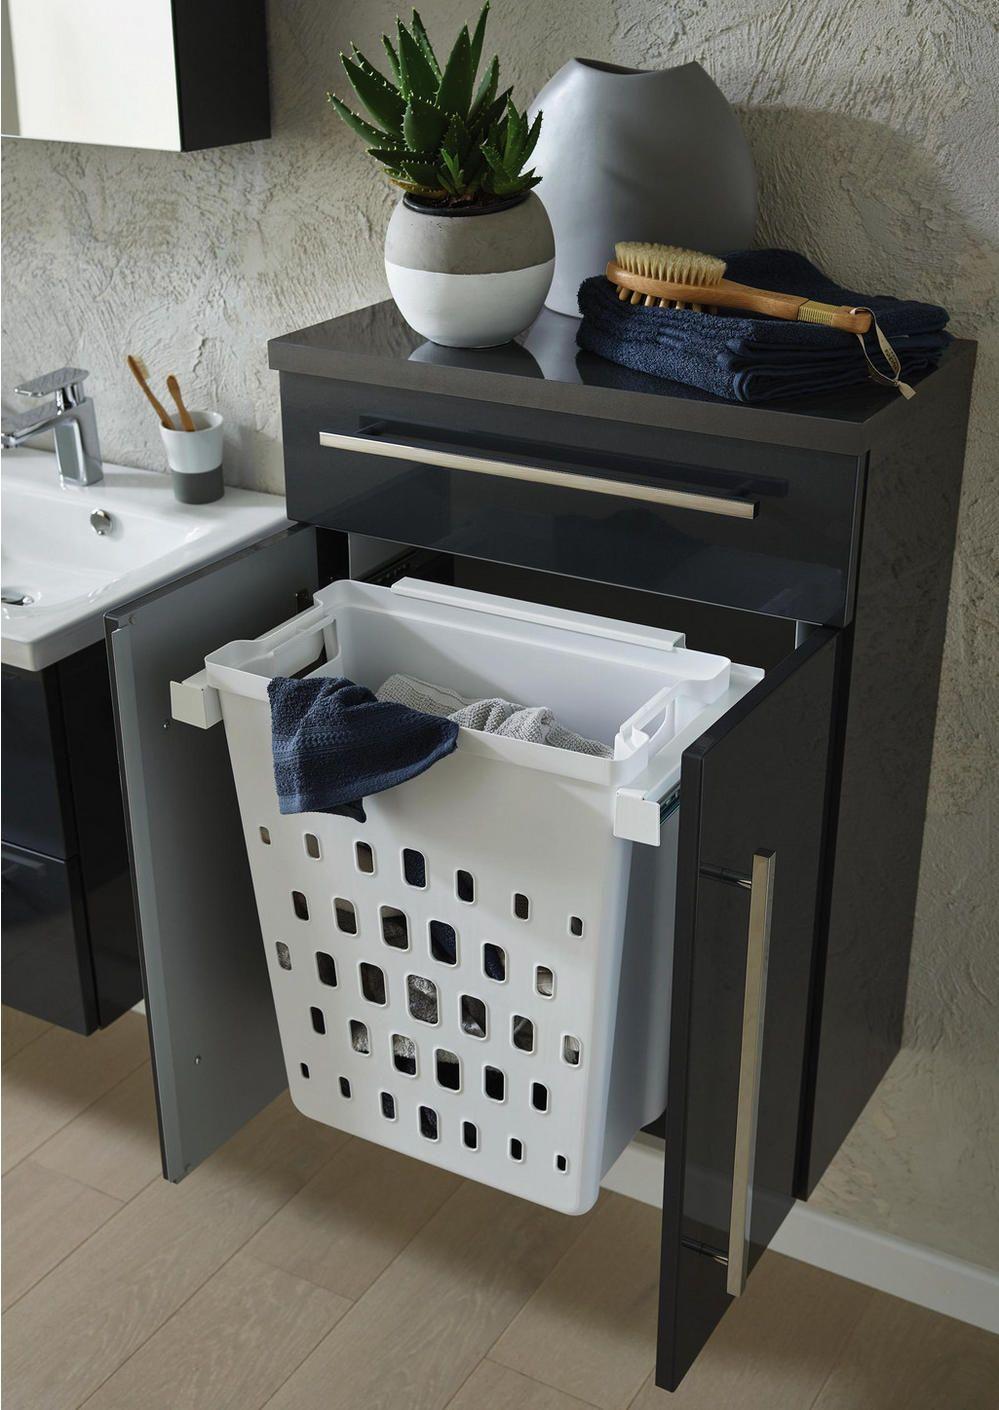 Seitenschrank Schwarz Wascheauszug Hier Bestellen Badezimmer Planen Bad Einrichten Waschekorb Schrank